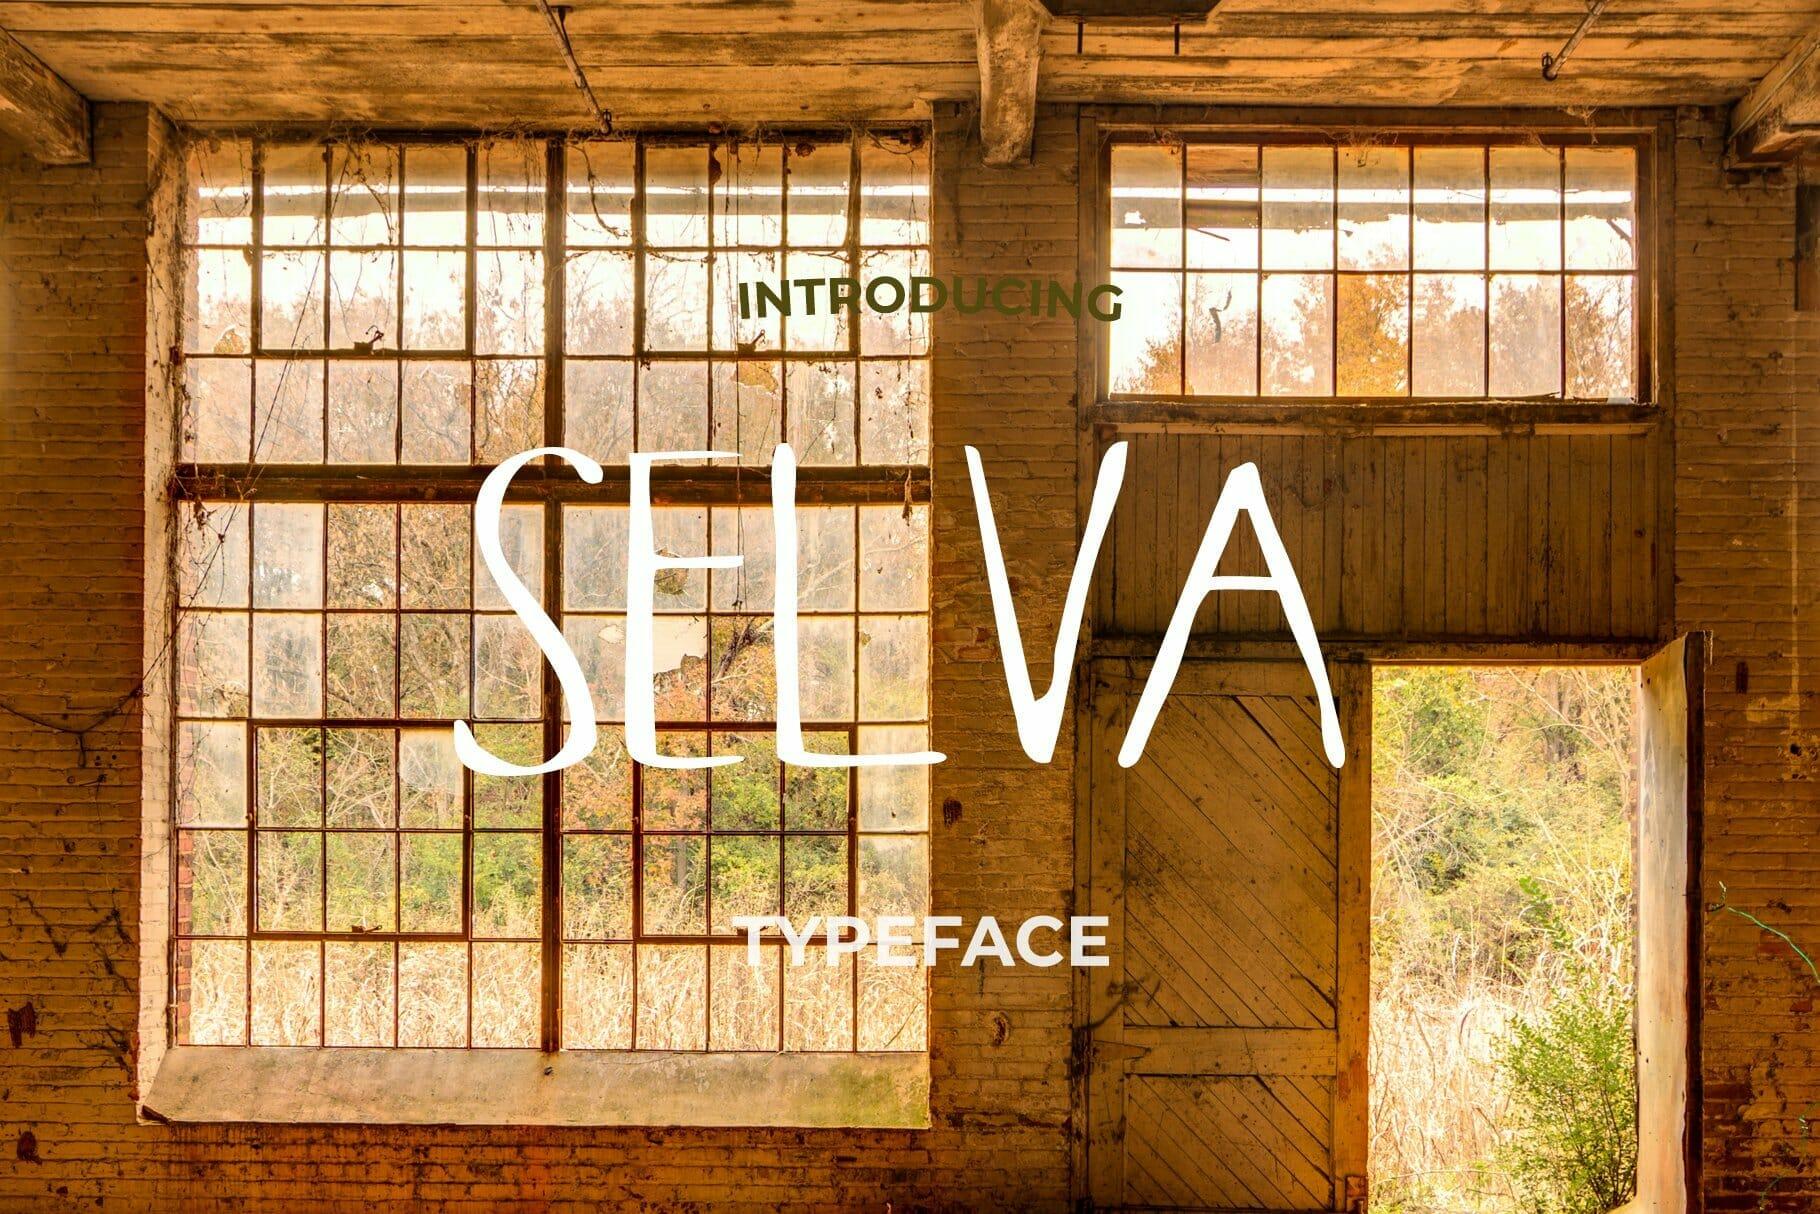 Selva cm1